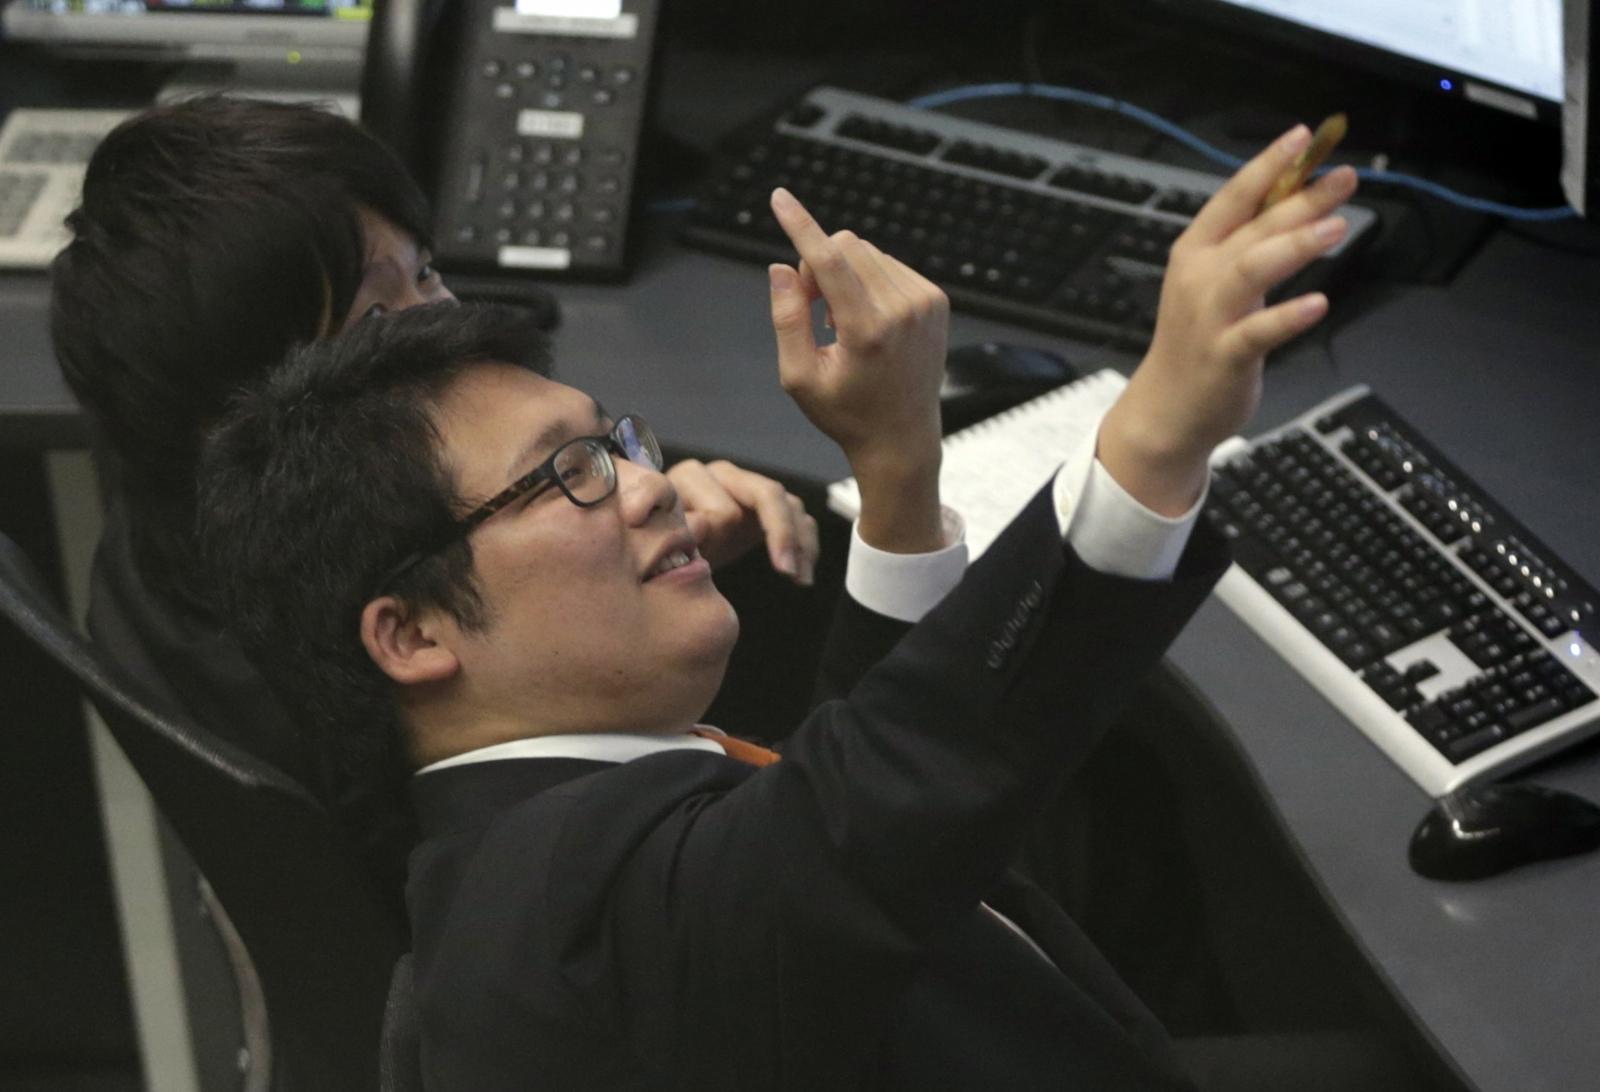 TSE Employees, Japan